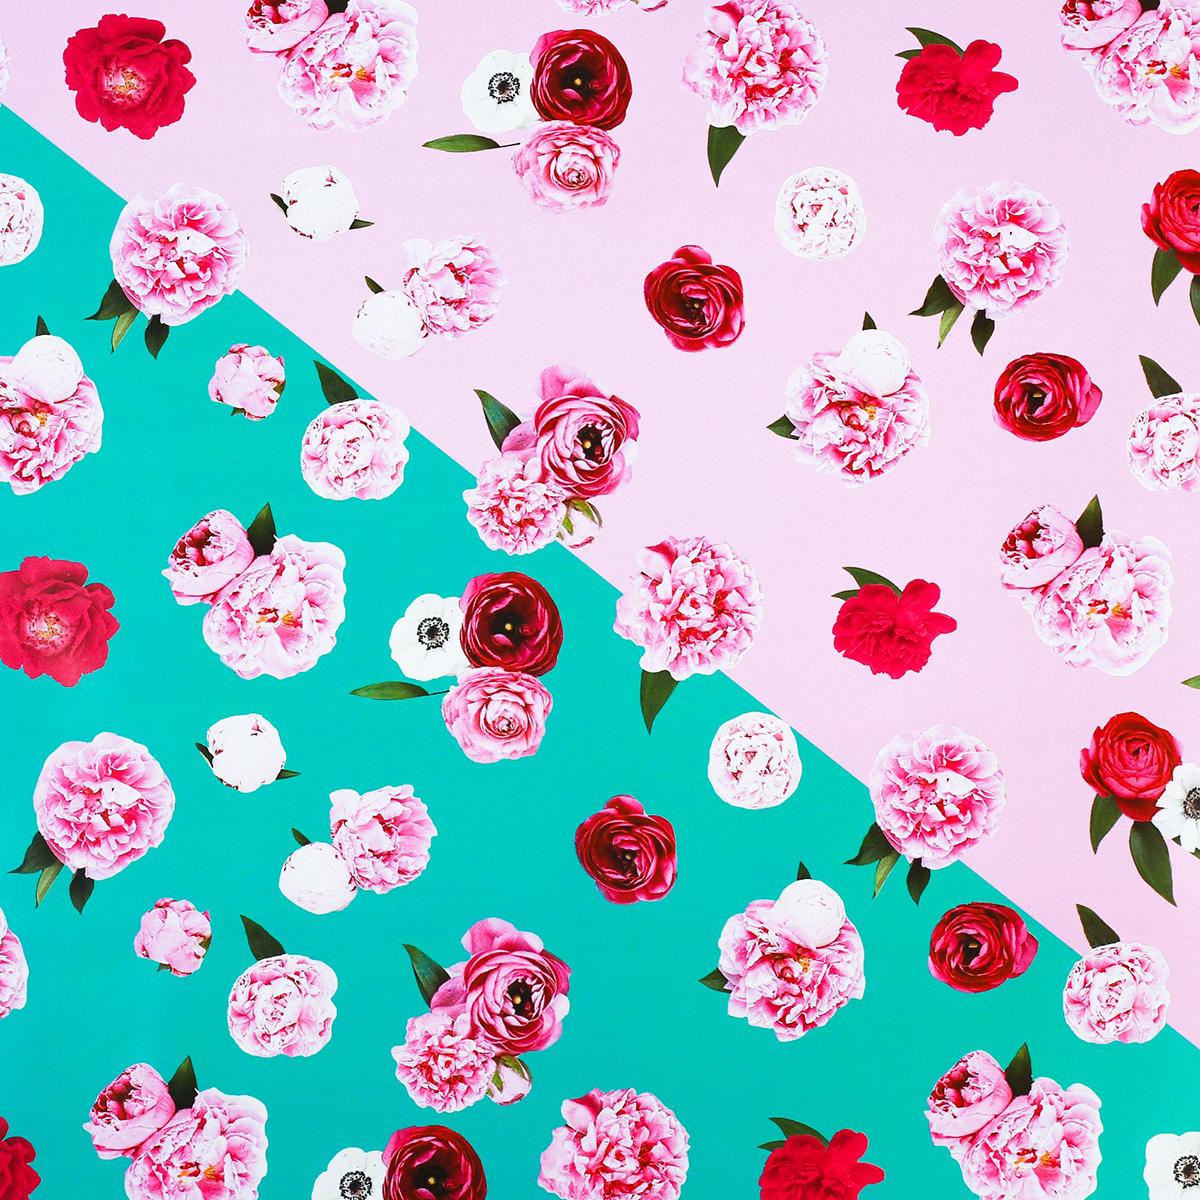 Бумага упаковочная Дарите счастье Лиловые цветы, глянцевая, 70 х 100 см. 29241042924104Любой подарок начинается с упаковки. Что может быть трогательнее и волшебнее, чем ритуал разворачивания полученного презента. И именно оригинальная, со вкусом выбранная упаковка выделит ваш подарок из массы других. Она продемонстрирует самые тёплые чувства к виновнику торжества и создаст сказочную атмосферу праздника. Бумага упаковочная глянцевая Лиловые цветы, 100х70 см — это то, что вы искали.